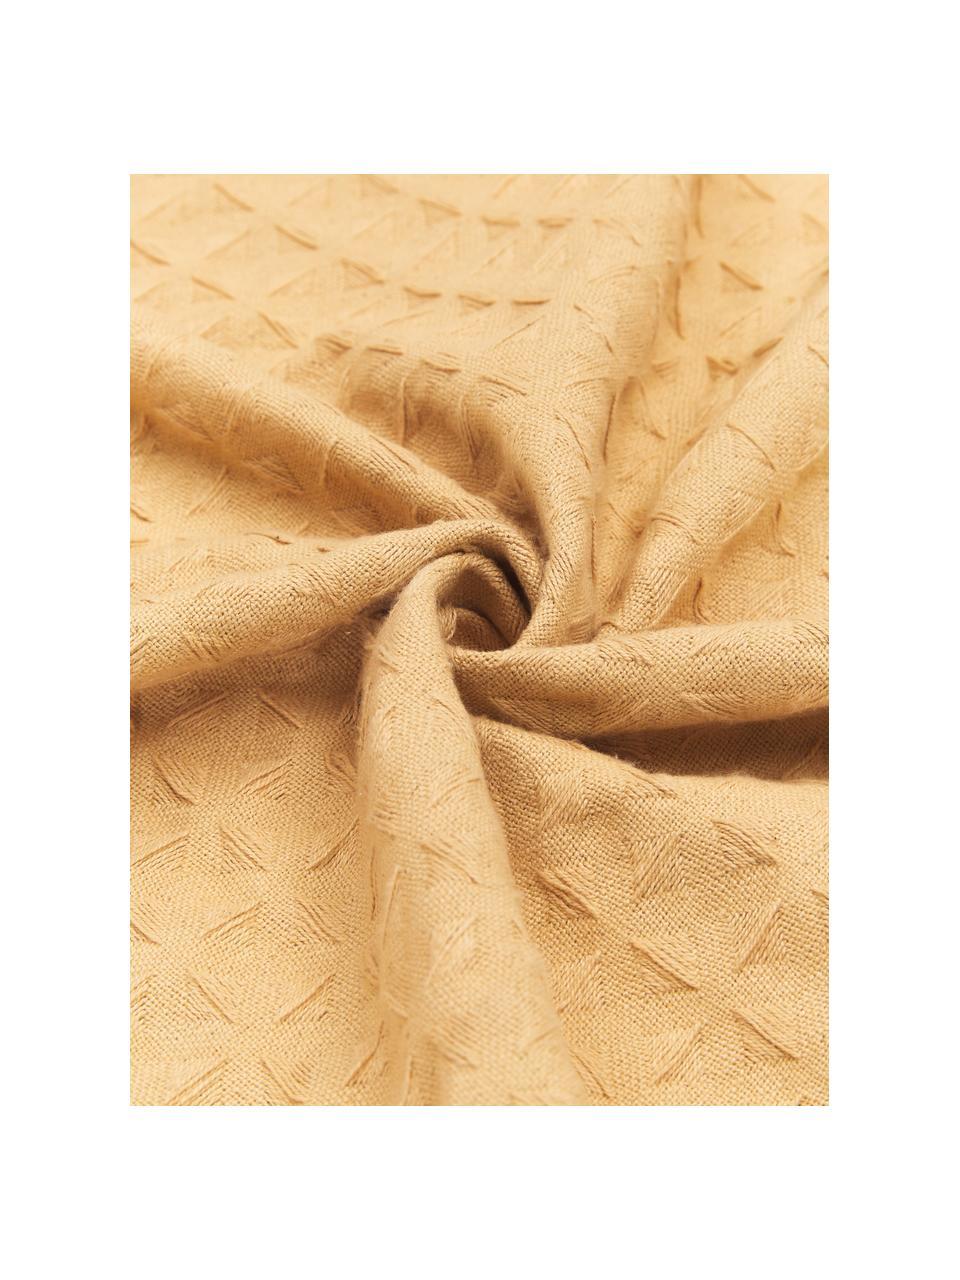 Copriletto in cotone a nido d'ape Panal, 100% cotone, Giallo, Larg. 180 x Lung. 260 cm (per letti fino a 160 x 200)